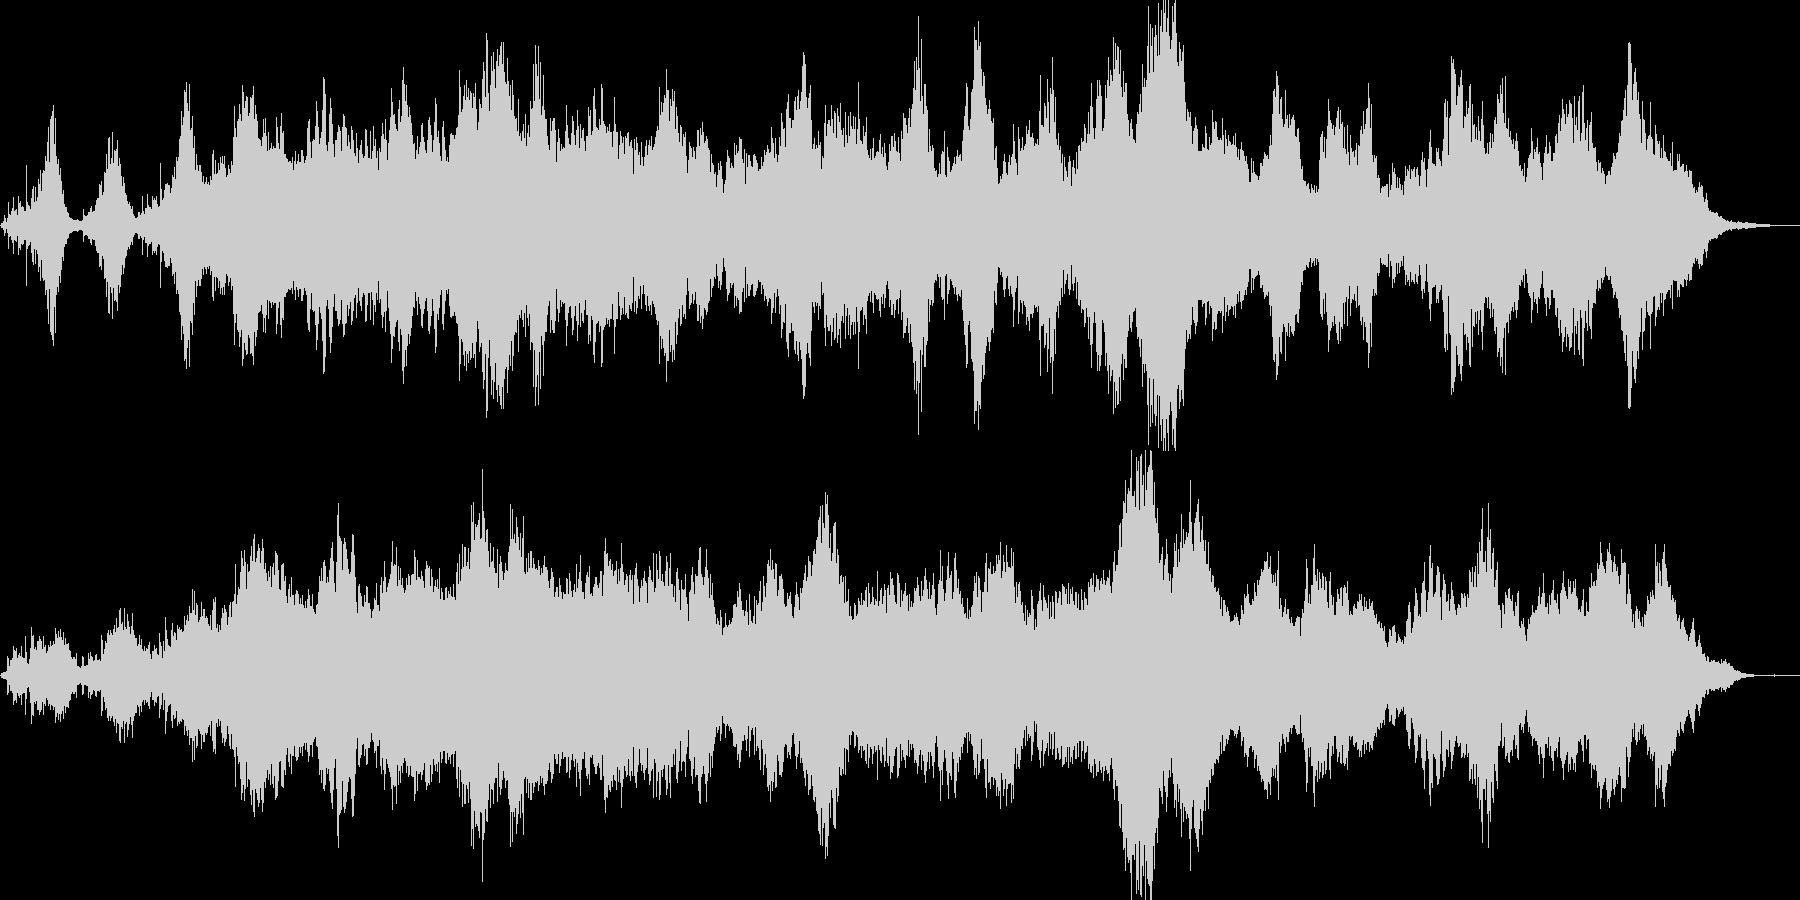 不気味で奇妙なアンビエントサウンドの未再生の波形